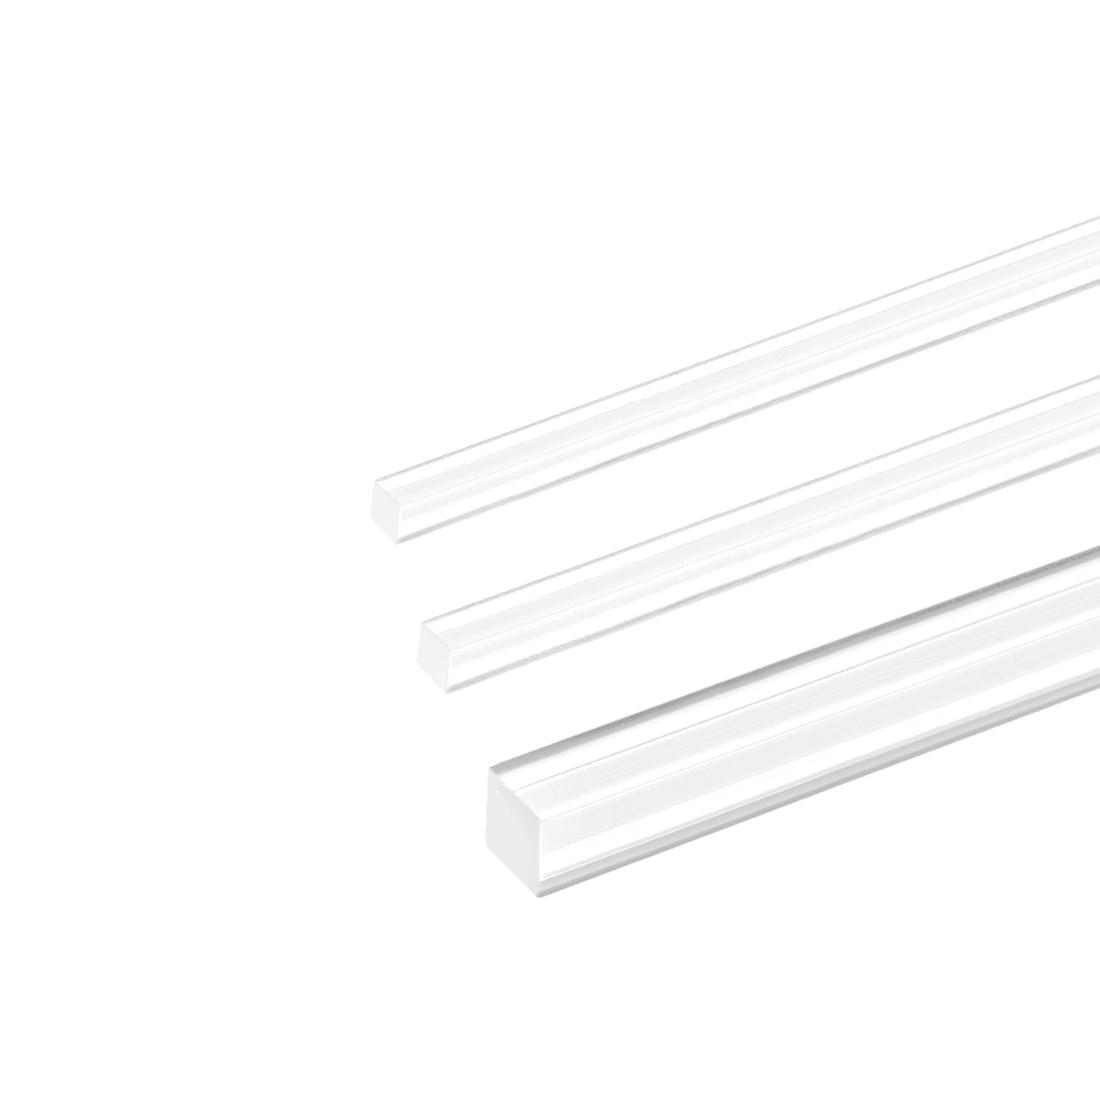 Uxcell Acrylic Plexiglass Rod 20